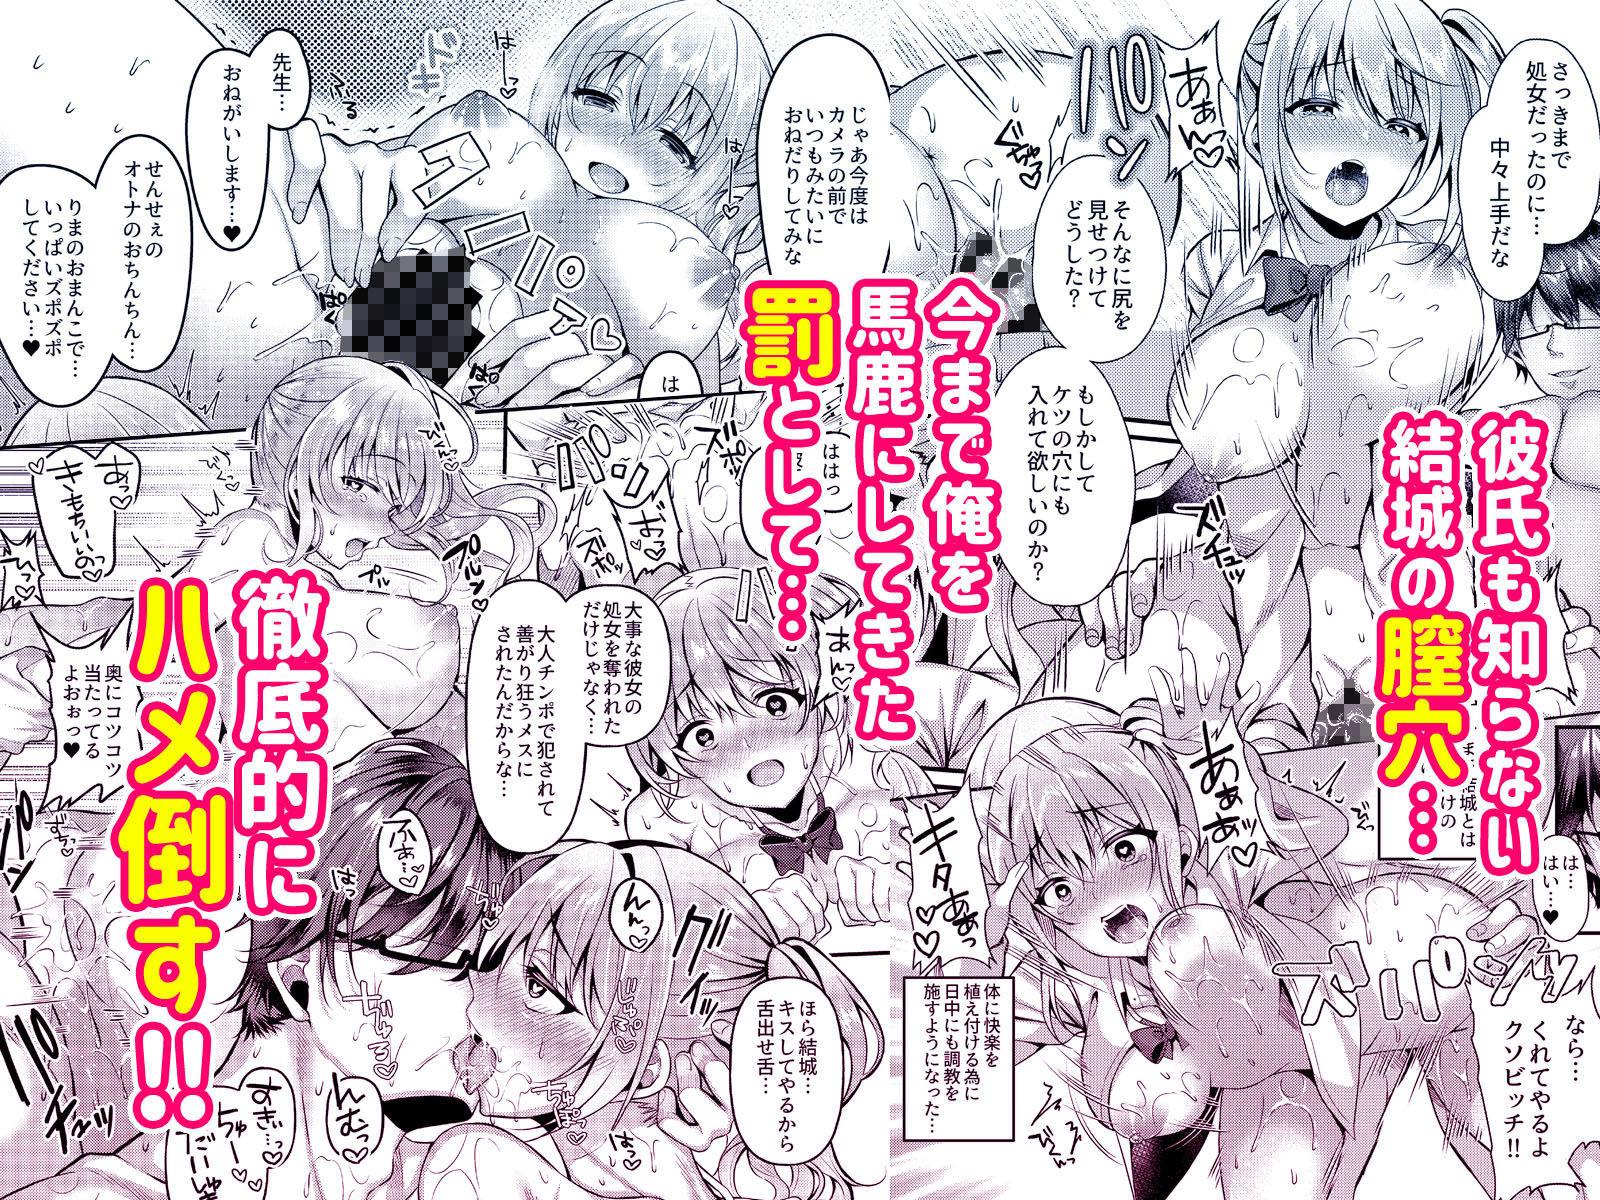 パコパコ催眠JK〜生意気ギャルの放課後性事情〜